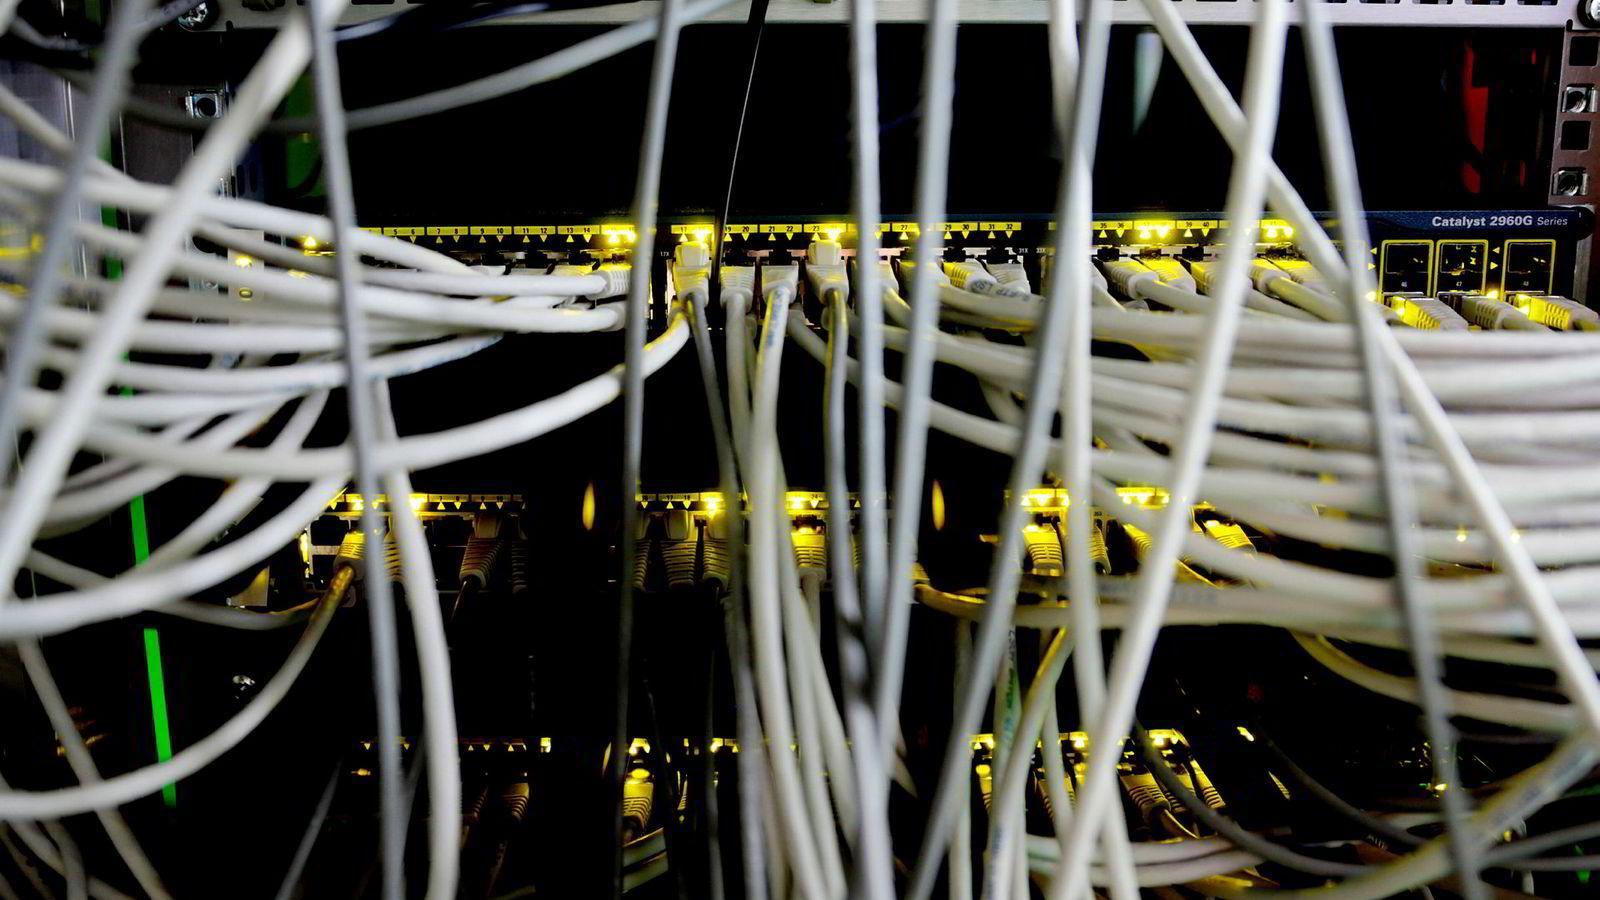 Stjeling av databehandlingskraft har økt med rundt 1000 prosent så langt i år. Som oftest gjøres det for å utvinne kryptovaluta med andres datakraft.